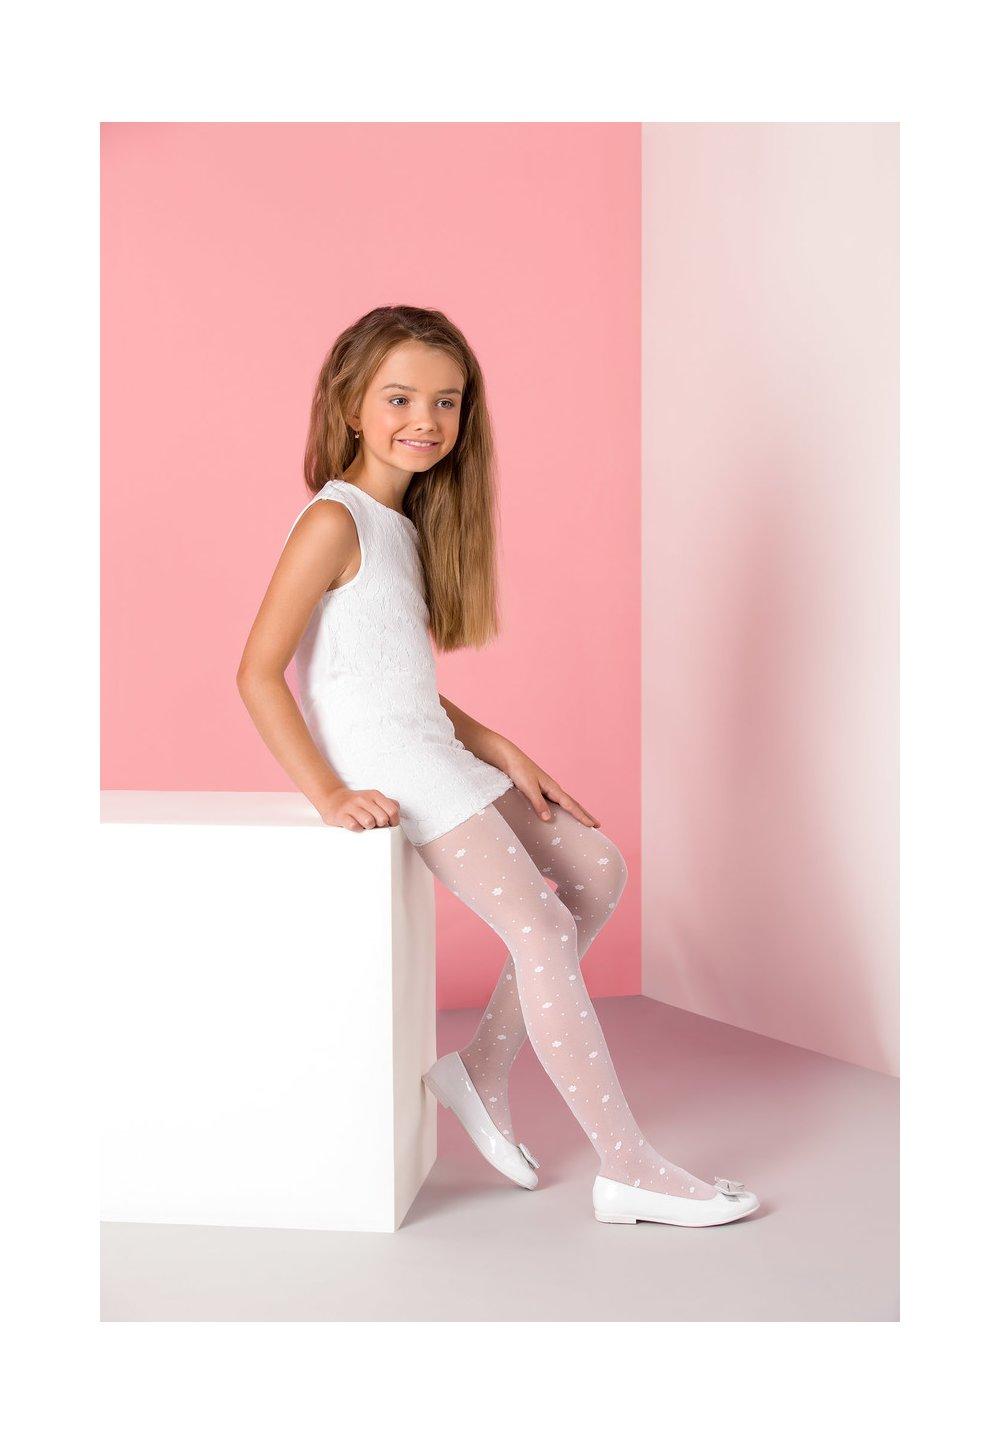 Ciorapi cu chilot, Liza imagine